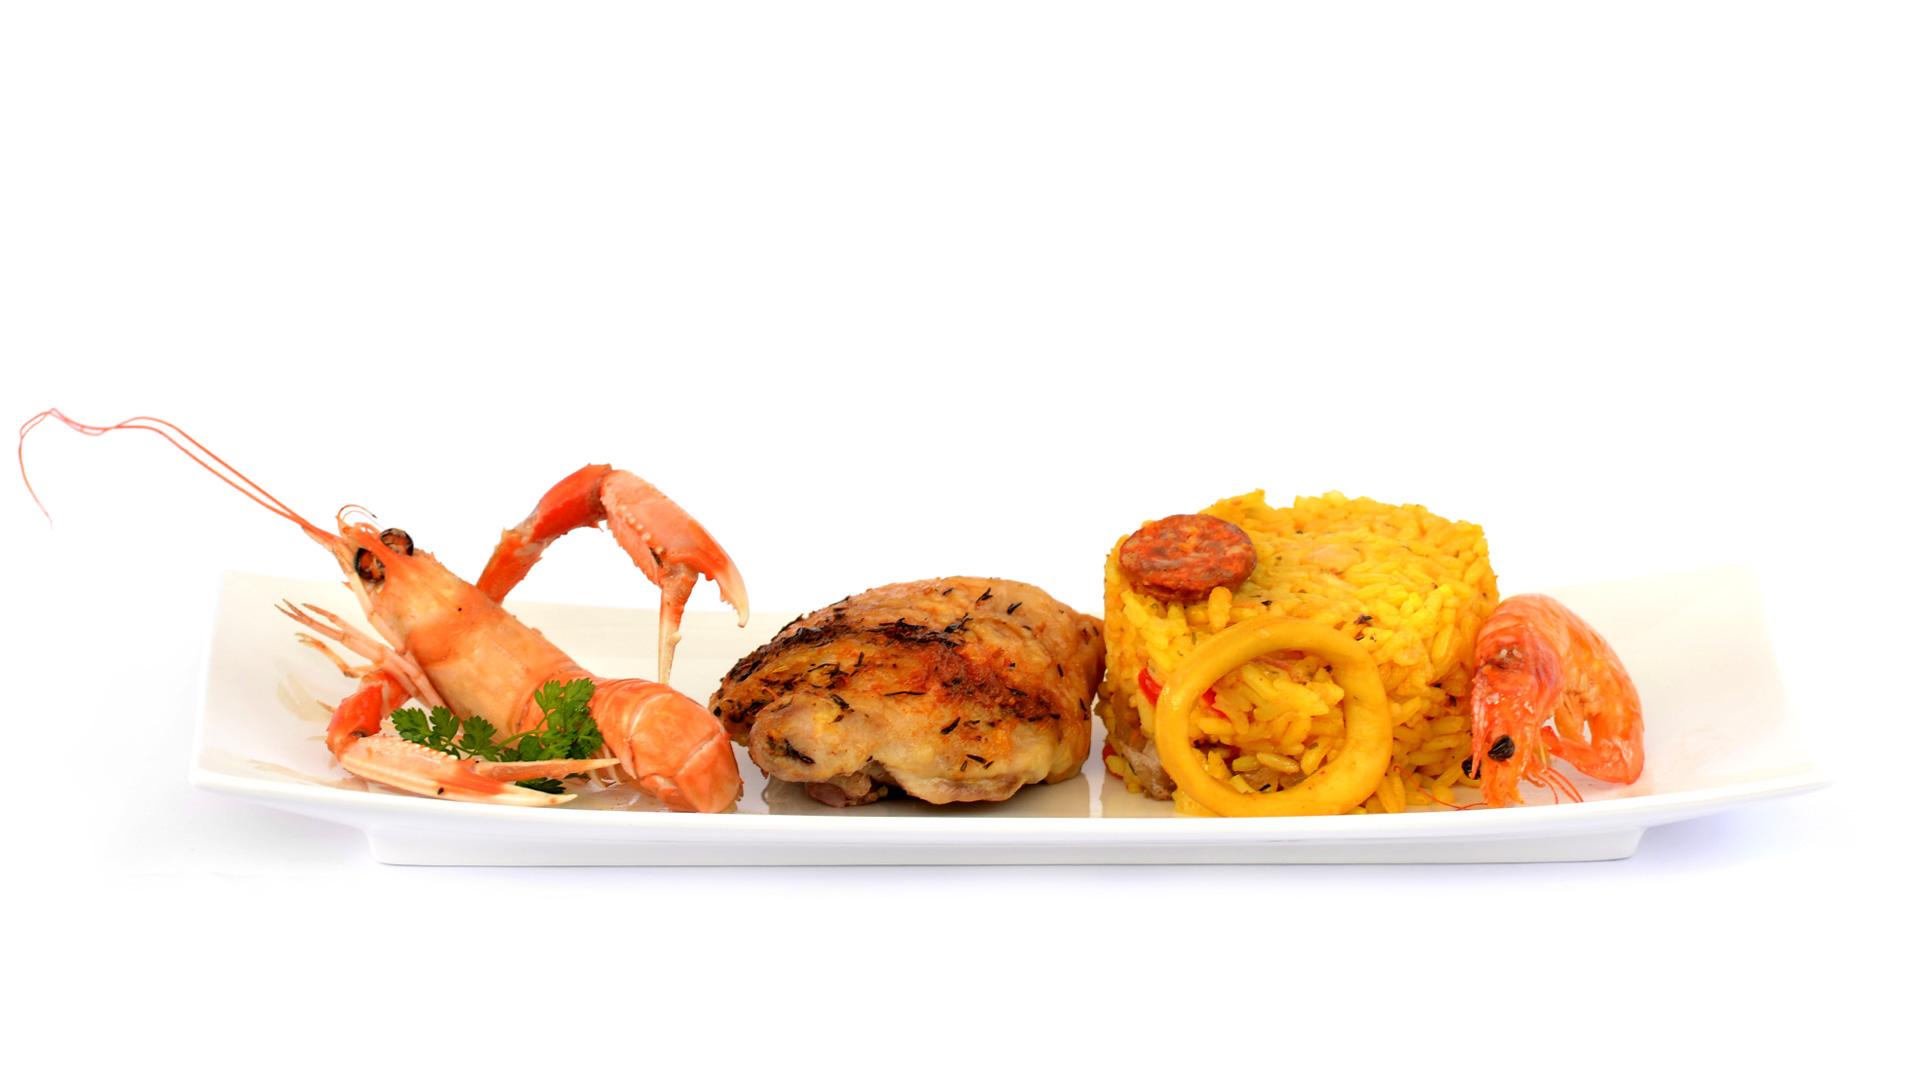 Dégustez une paella royale à base de calamar, crevettes, langoustine, poulet et chorizo